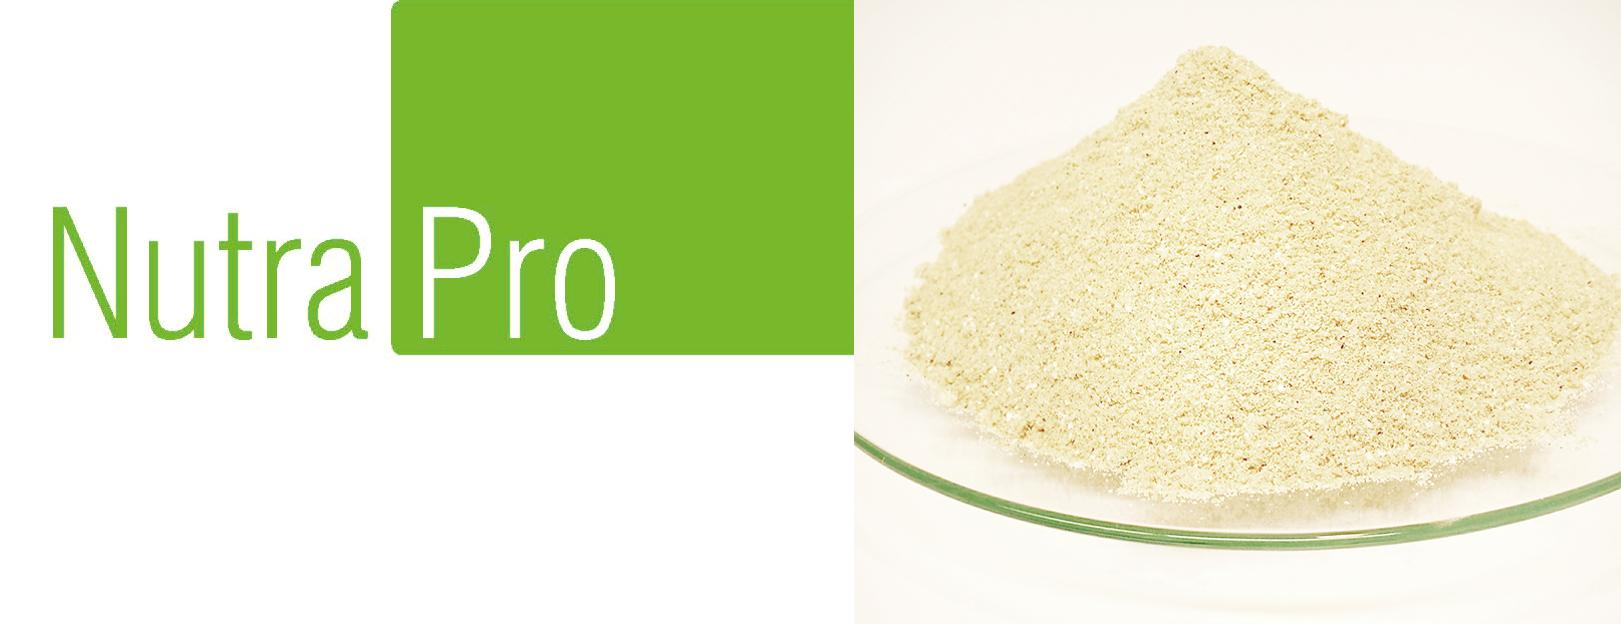 Nutrapet Systems für Tiernahrung NutrPro Probiotika Probiotische Nahrungsergänzung